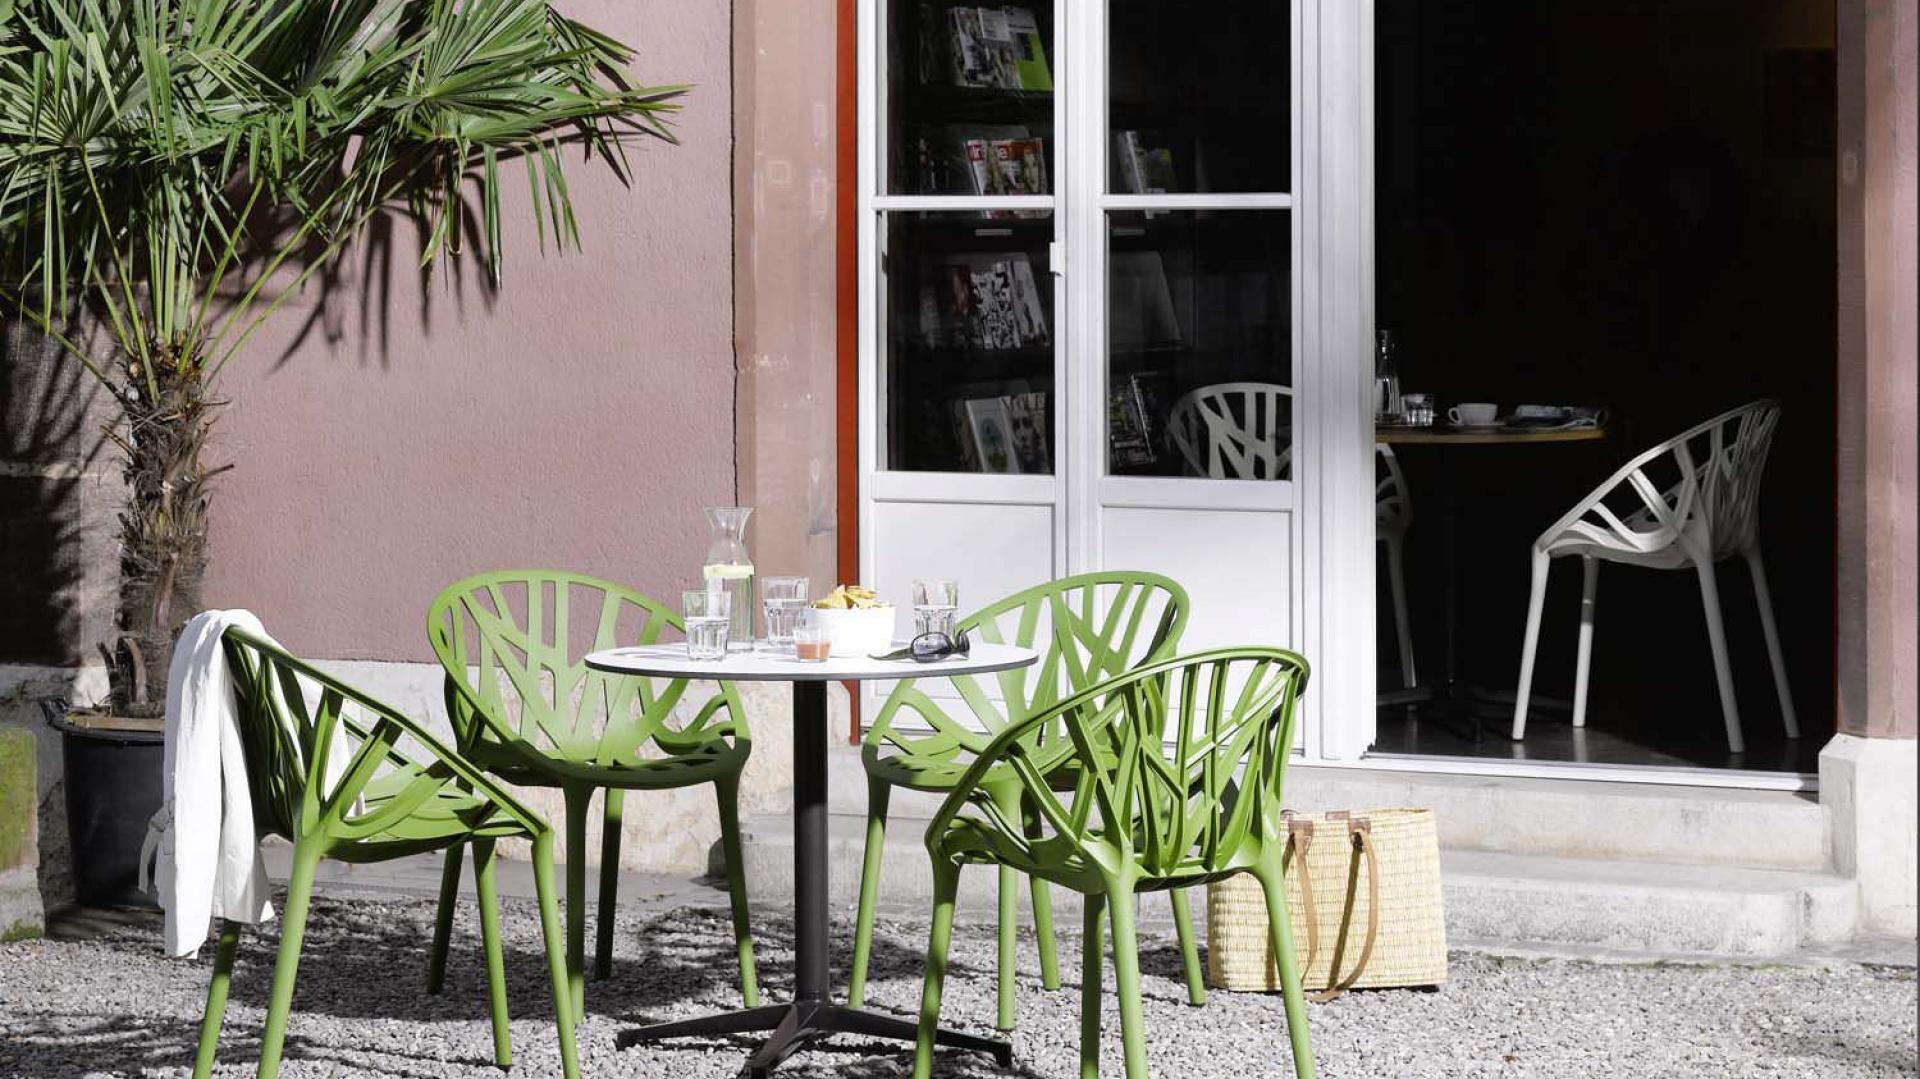 Krzesła Vegetal to klasyczna propozycja, która świetnie sprawdzi się także na tarasie. Krzesła dostępne w wielu kolorach. Projekt: Ronan & Erwan Bouroullec. Fot. Vitra.